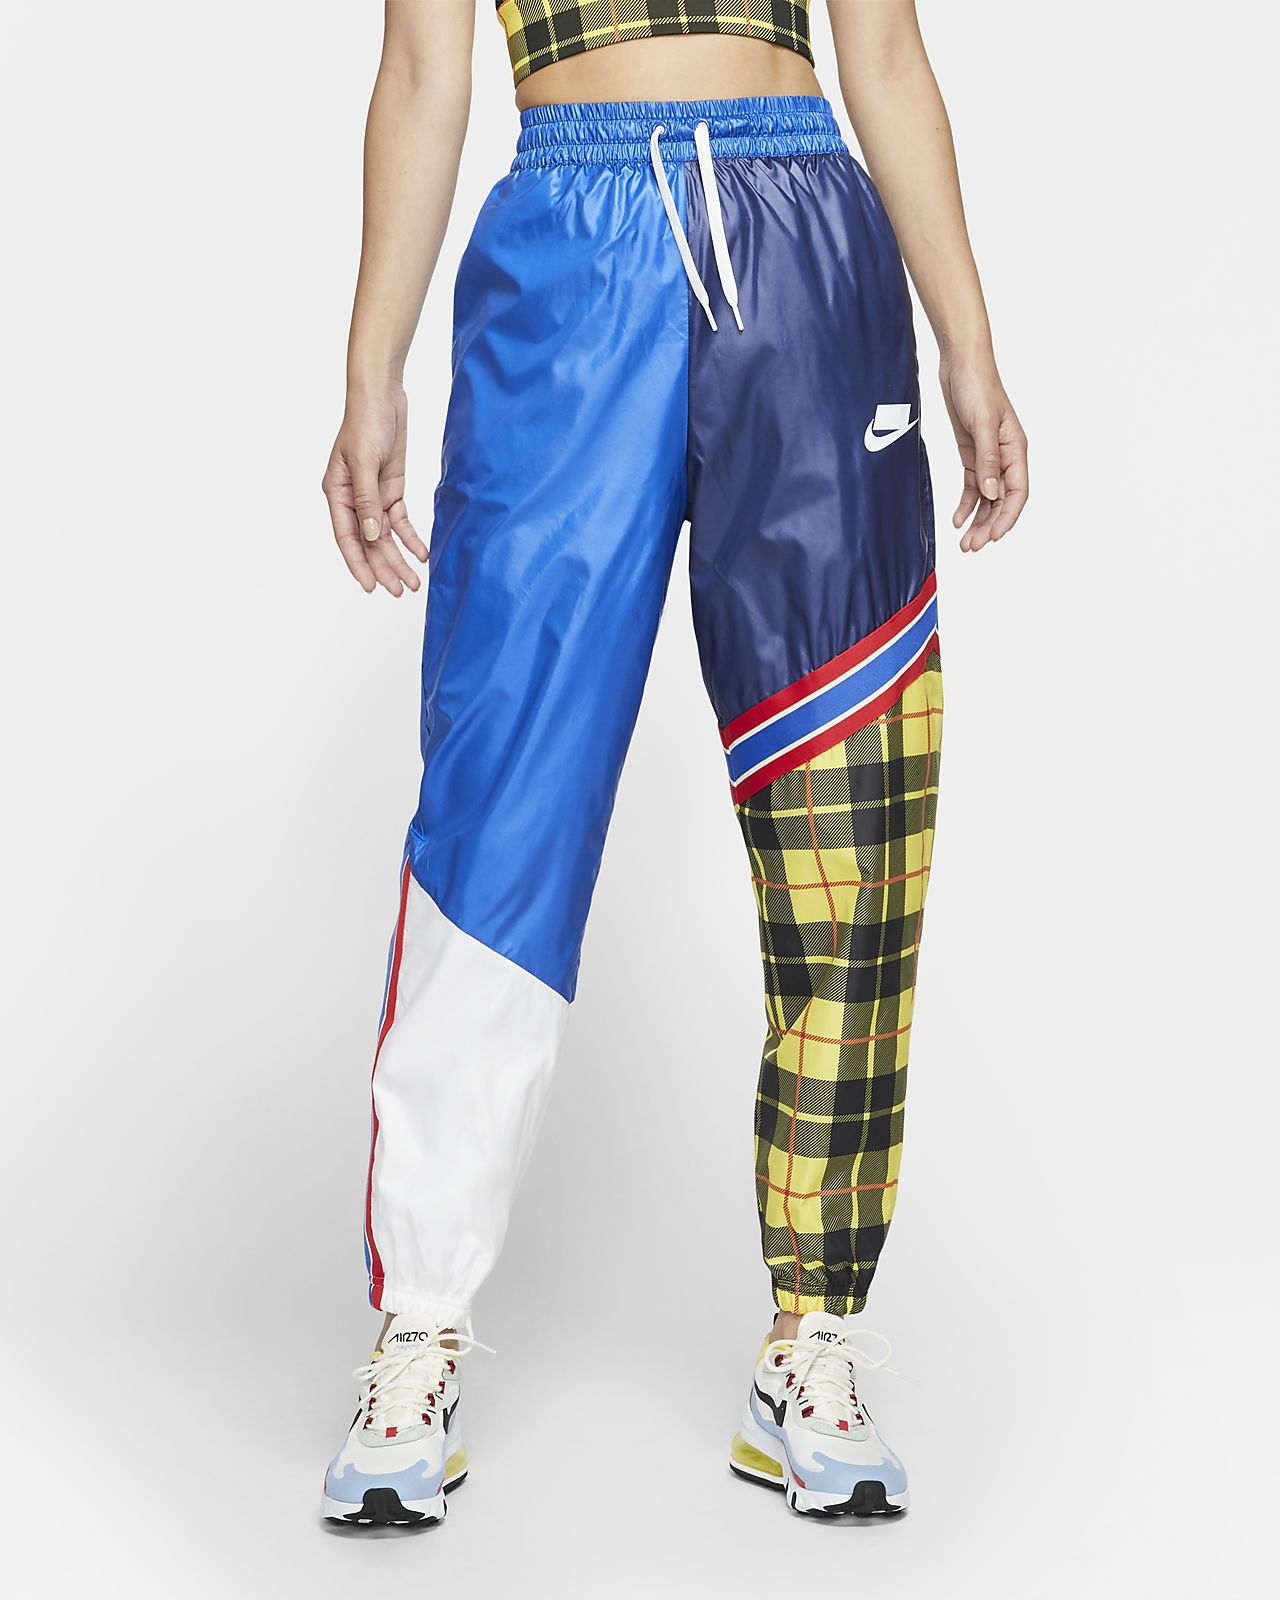 Pantalones tejidos a cuadros para mujer Nike Sportswear NSW